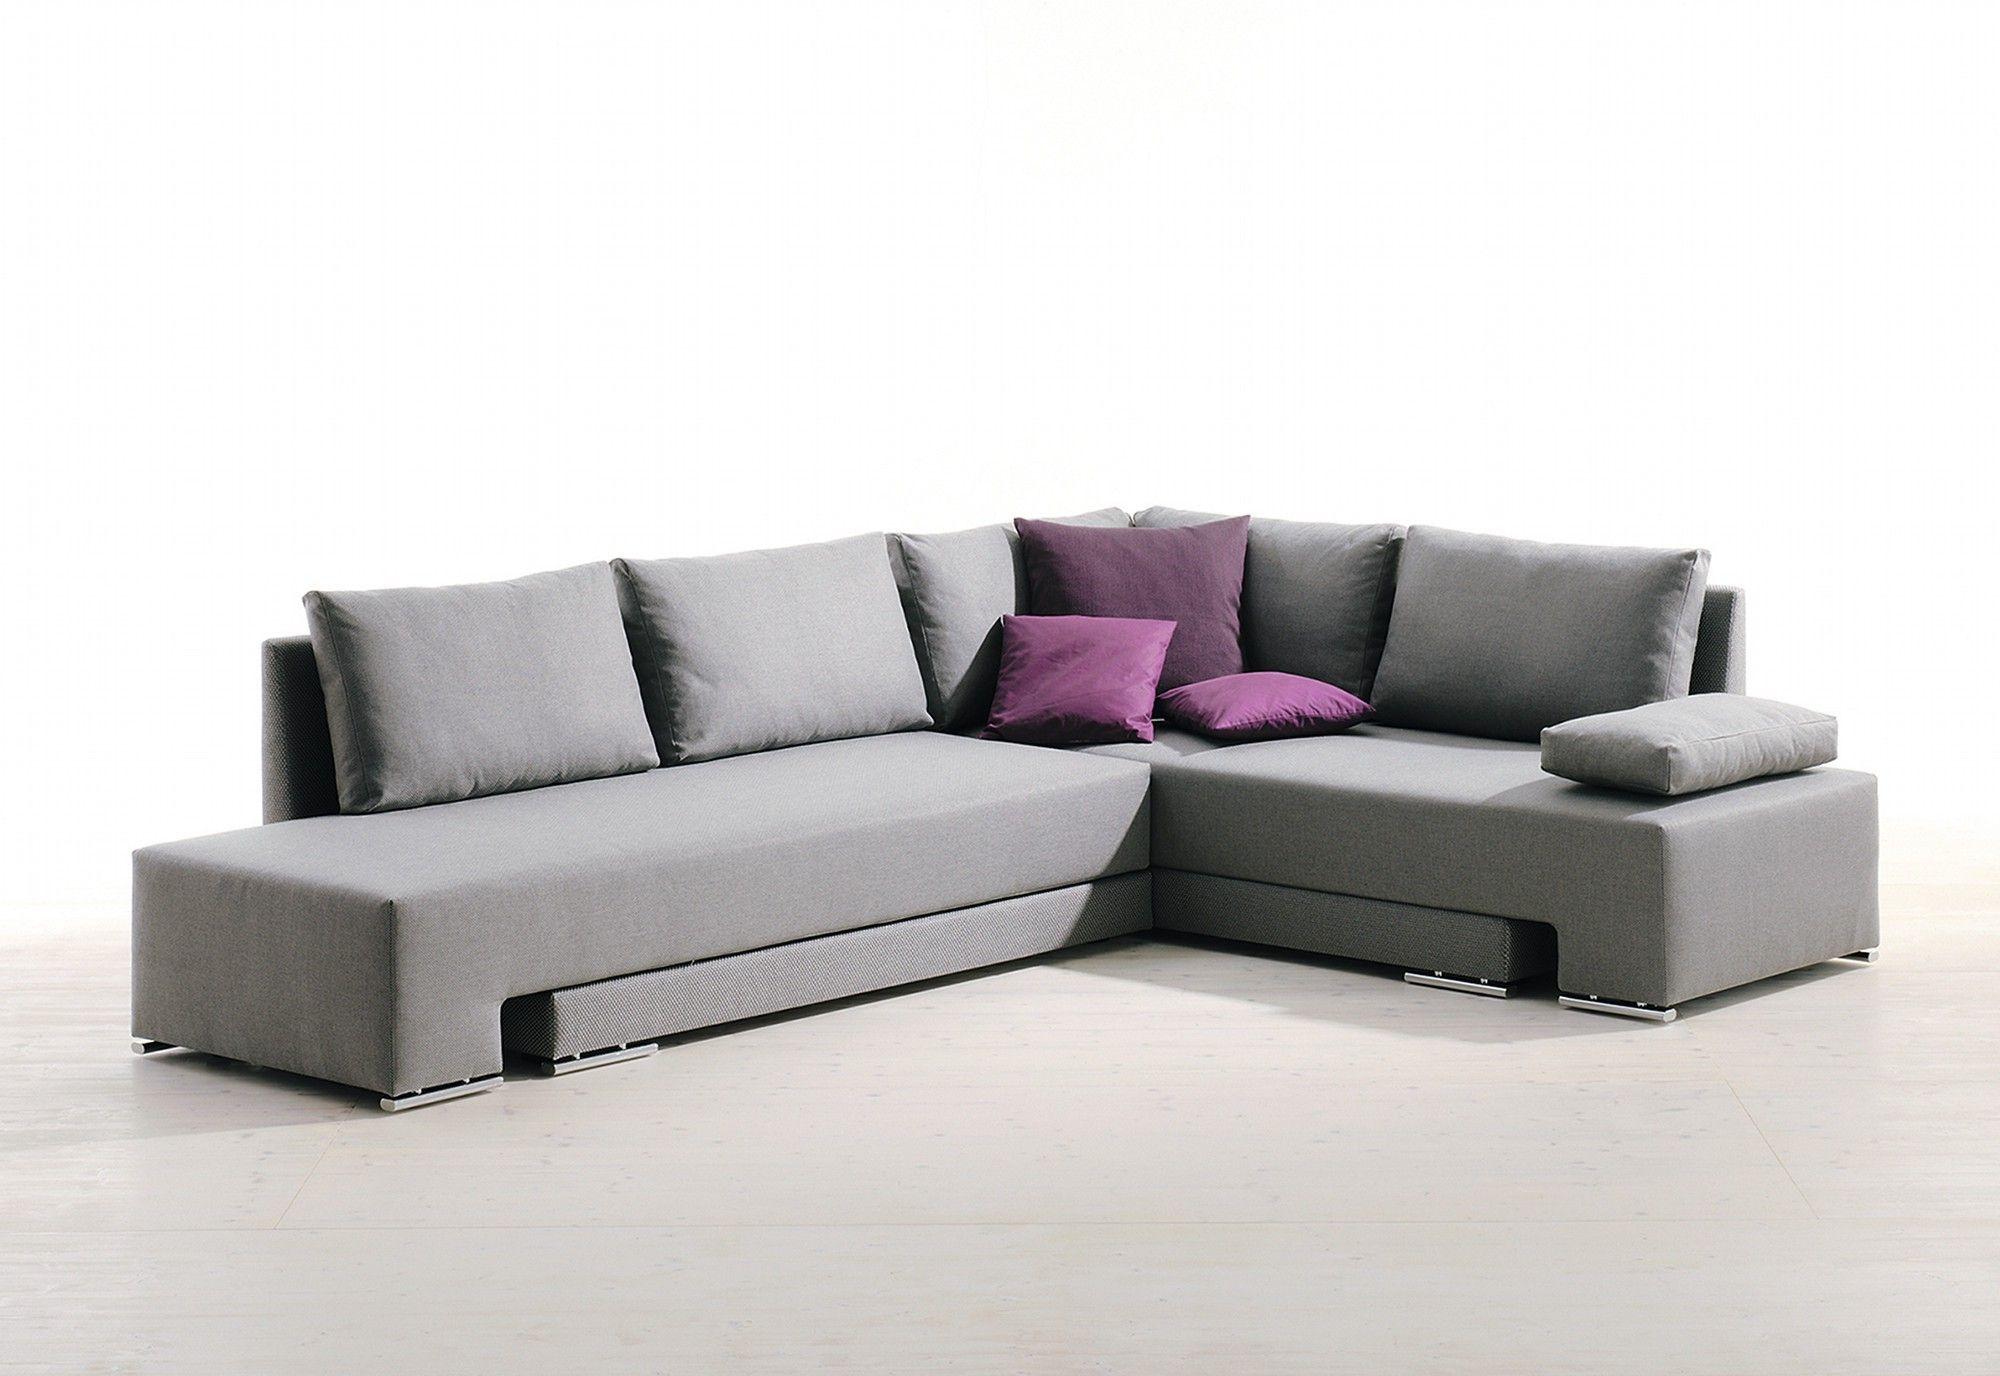 Sofa Bed Modular